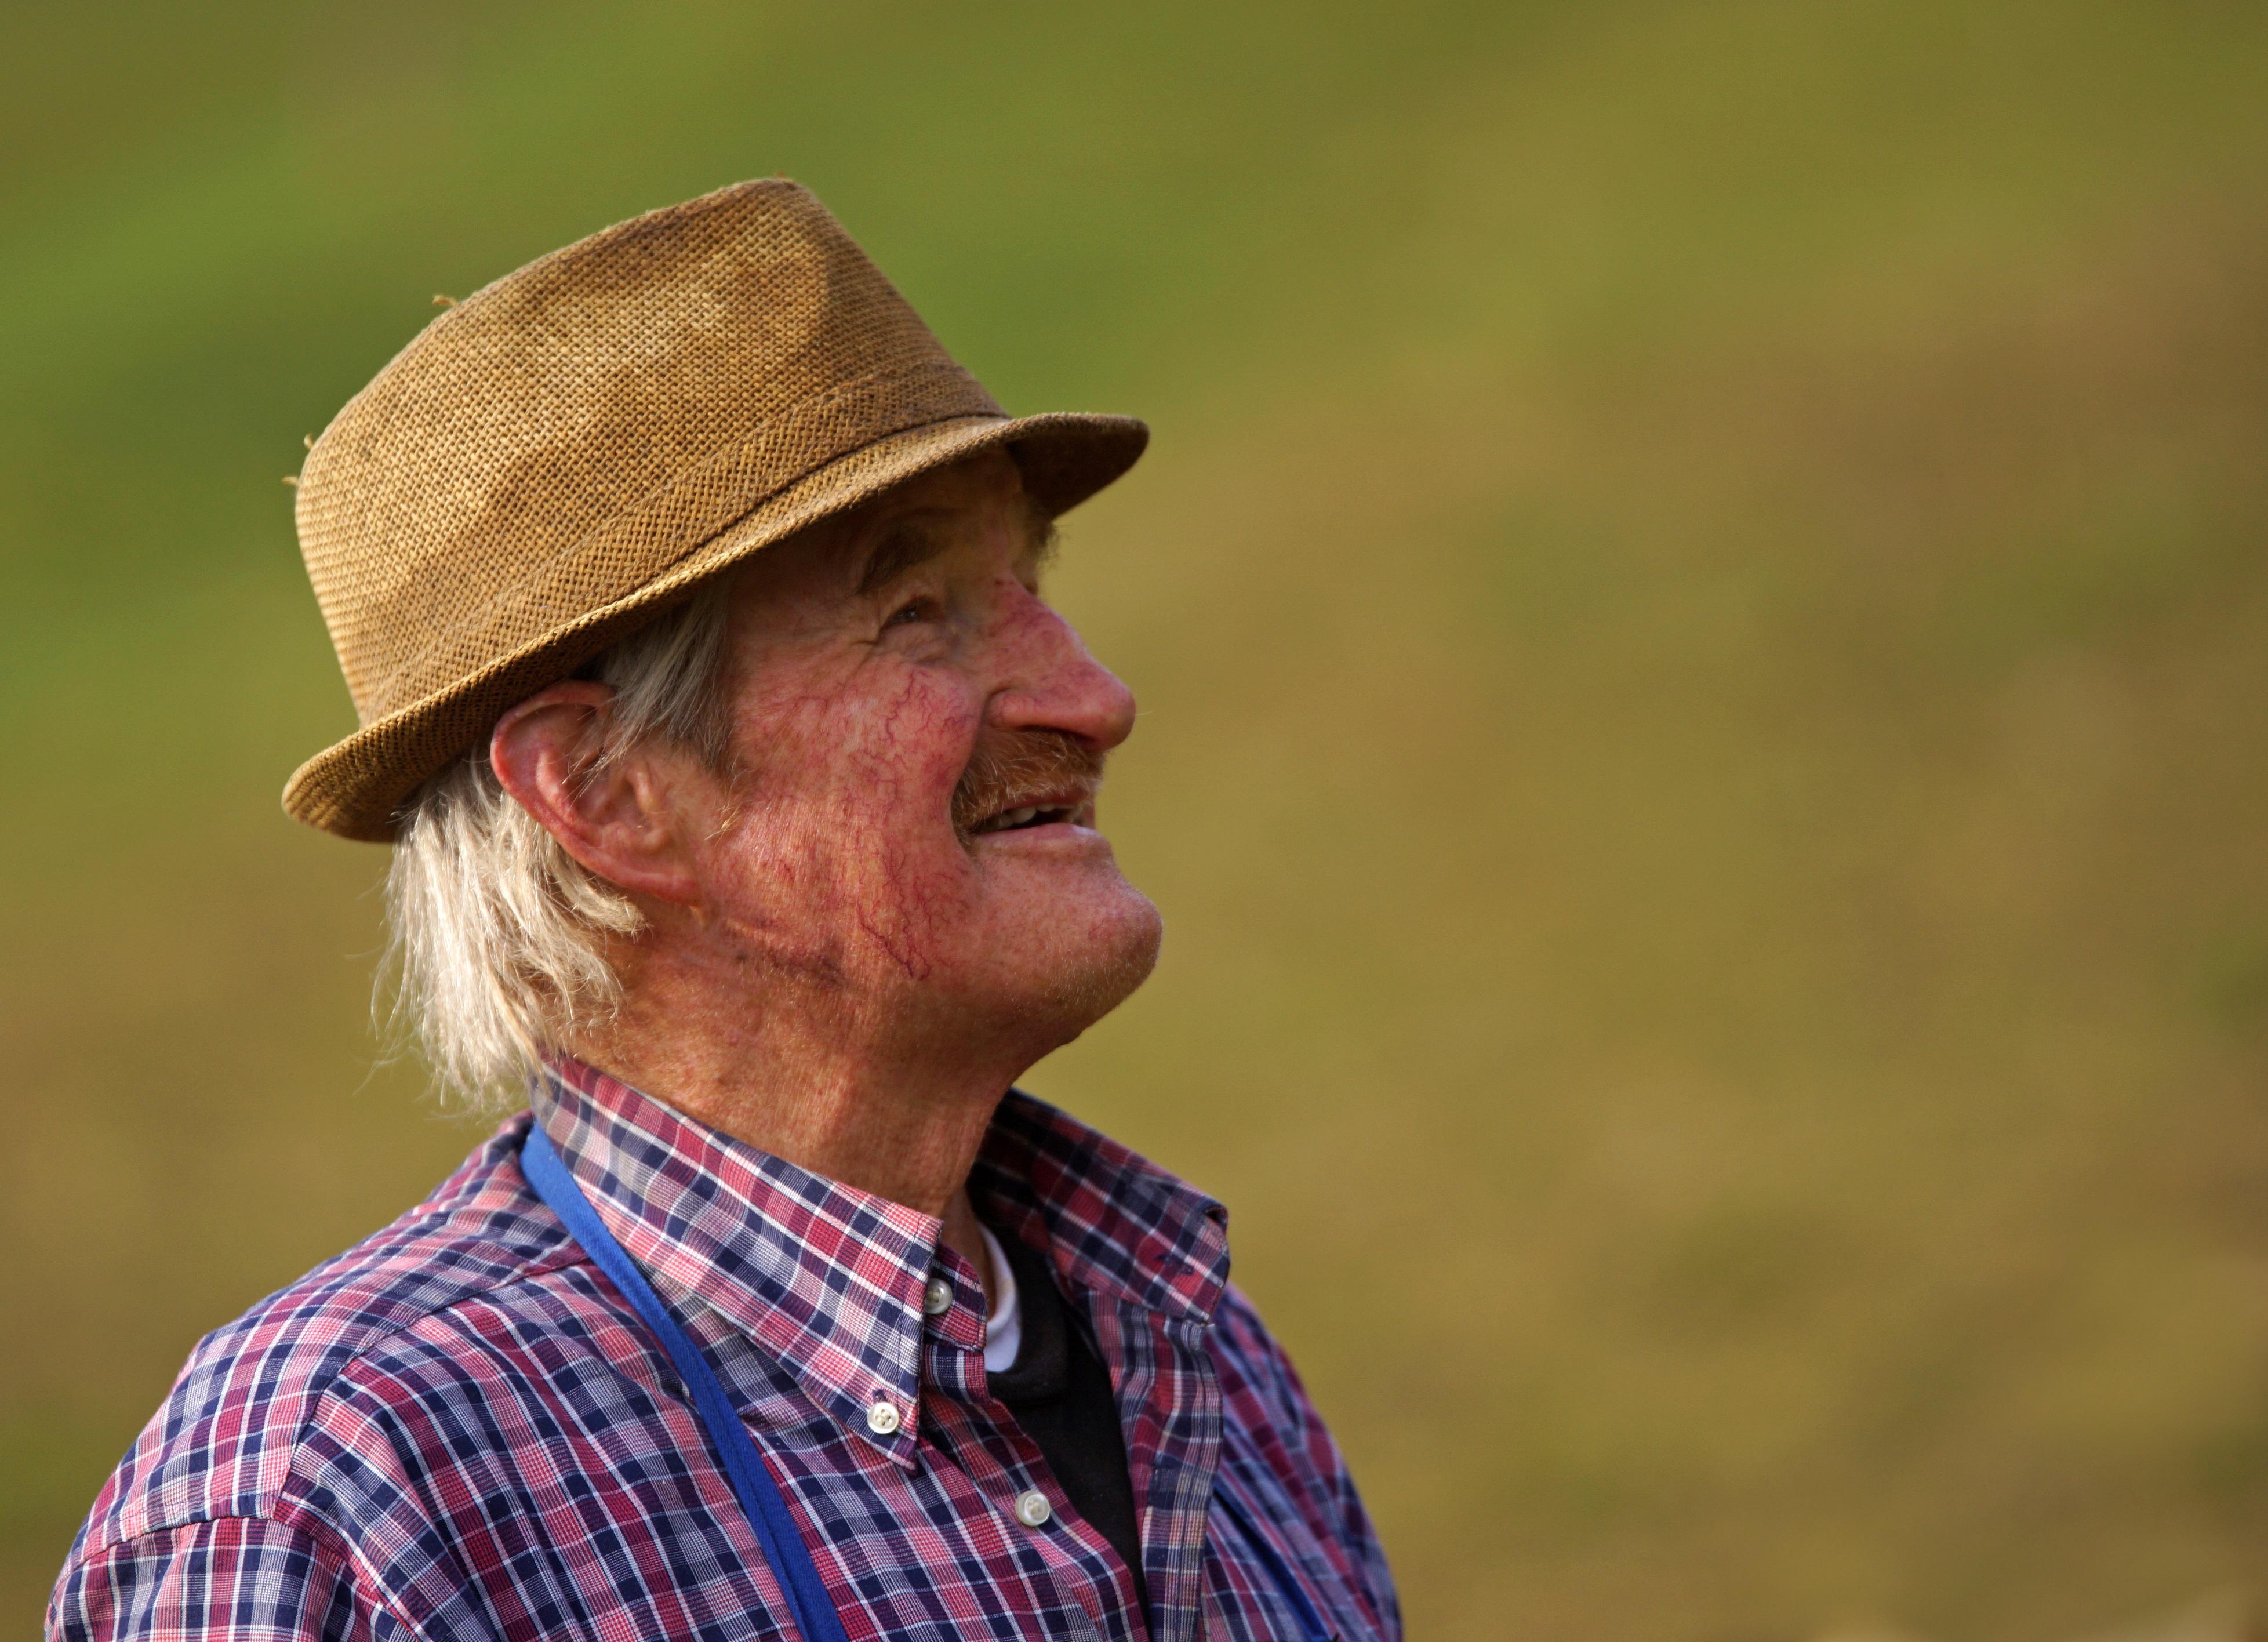 farmer-smile-man-person-45852